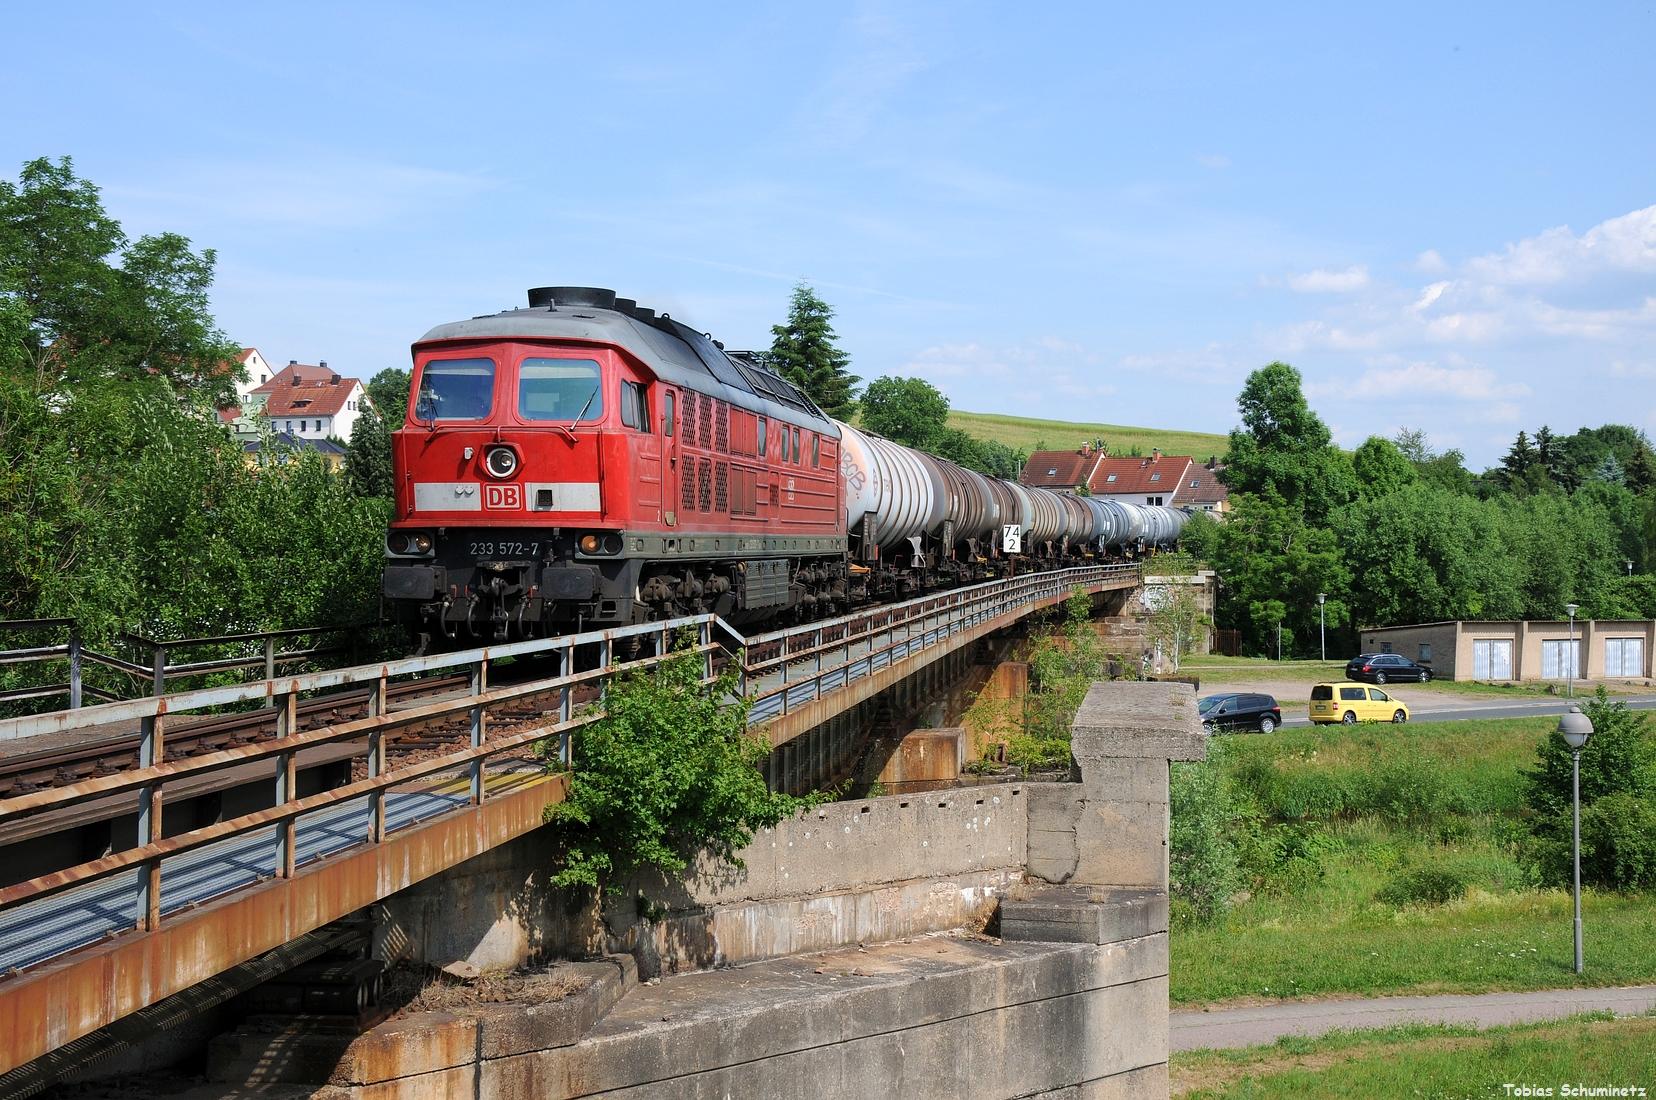 Da mich in Deutschenbora ein netter LKW Fahrer an der noch geschlossenen Schranke reinließ und ich so nciht den ganzen Stau abwarten musste konnte ich entspannt an die Muldebrücke an der Einfahrt des Bahnhofs Nossen fahren und so 233 572 mit dem zweiten Zug aufnehmen.